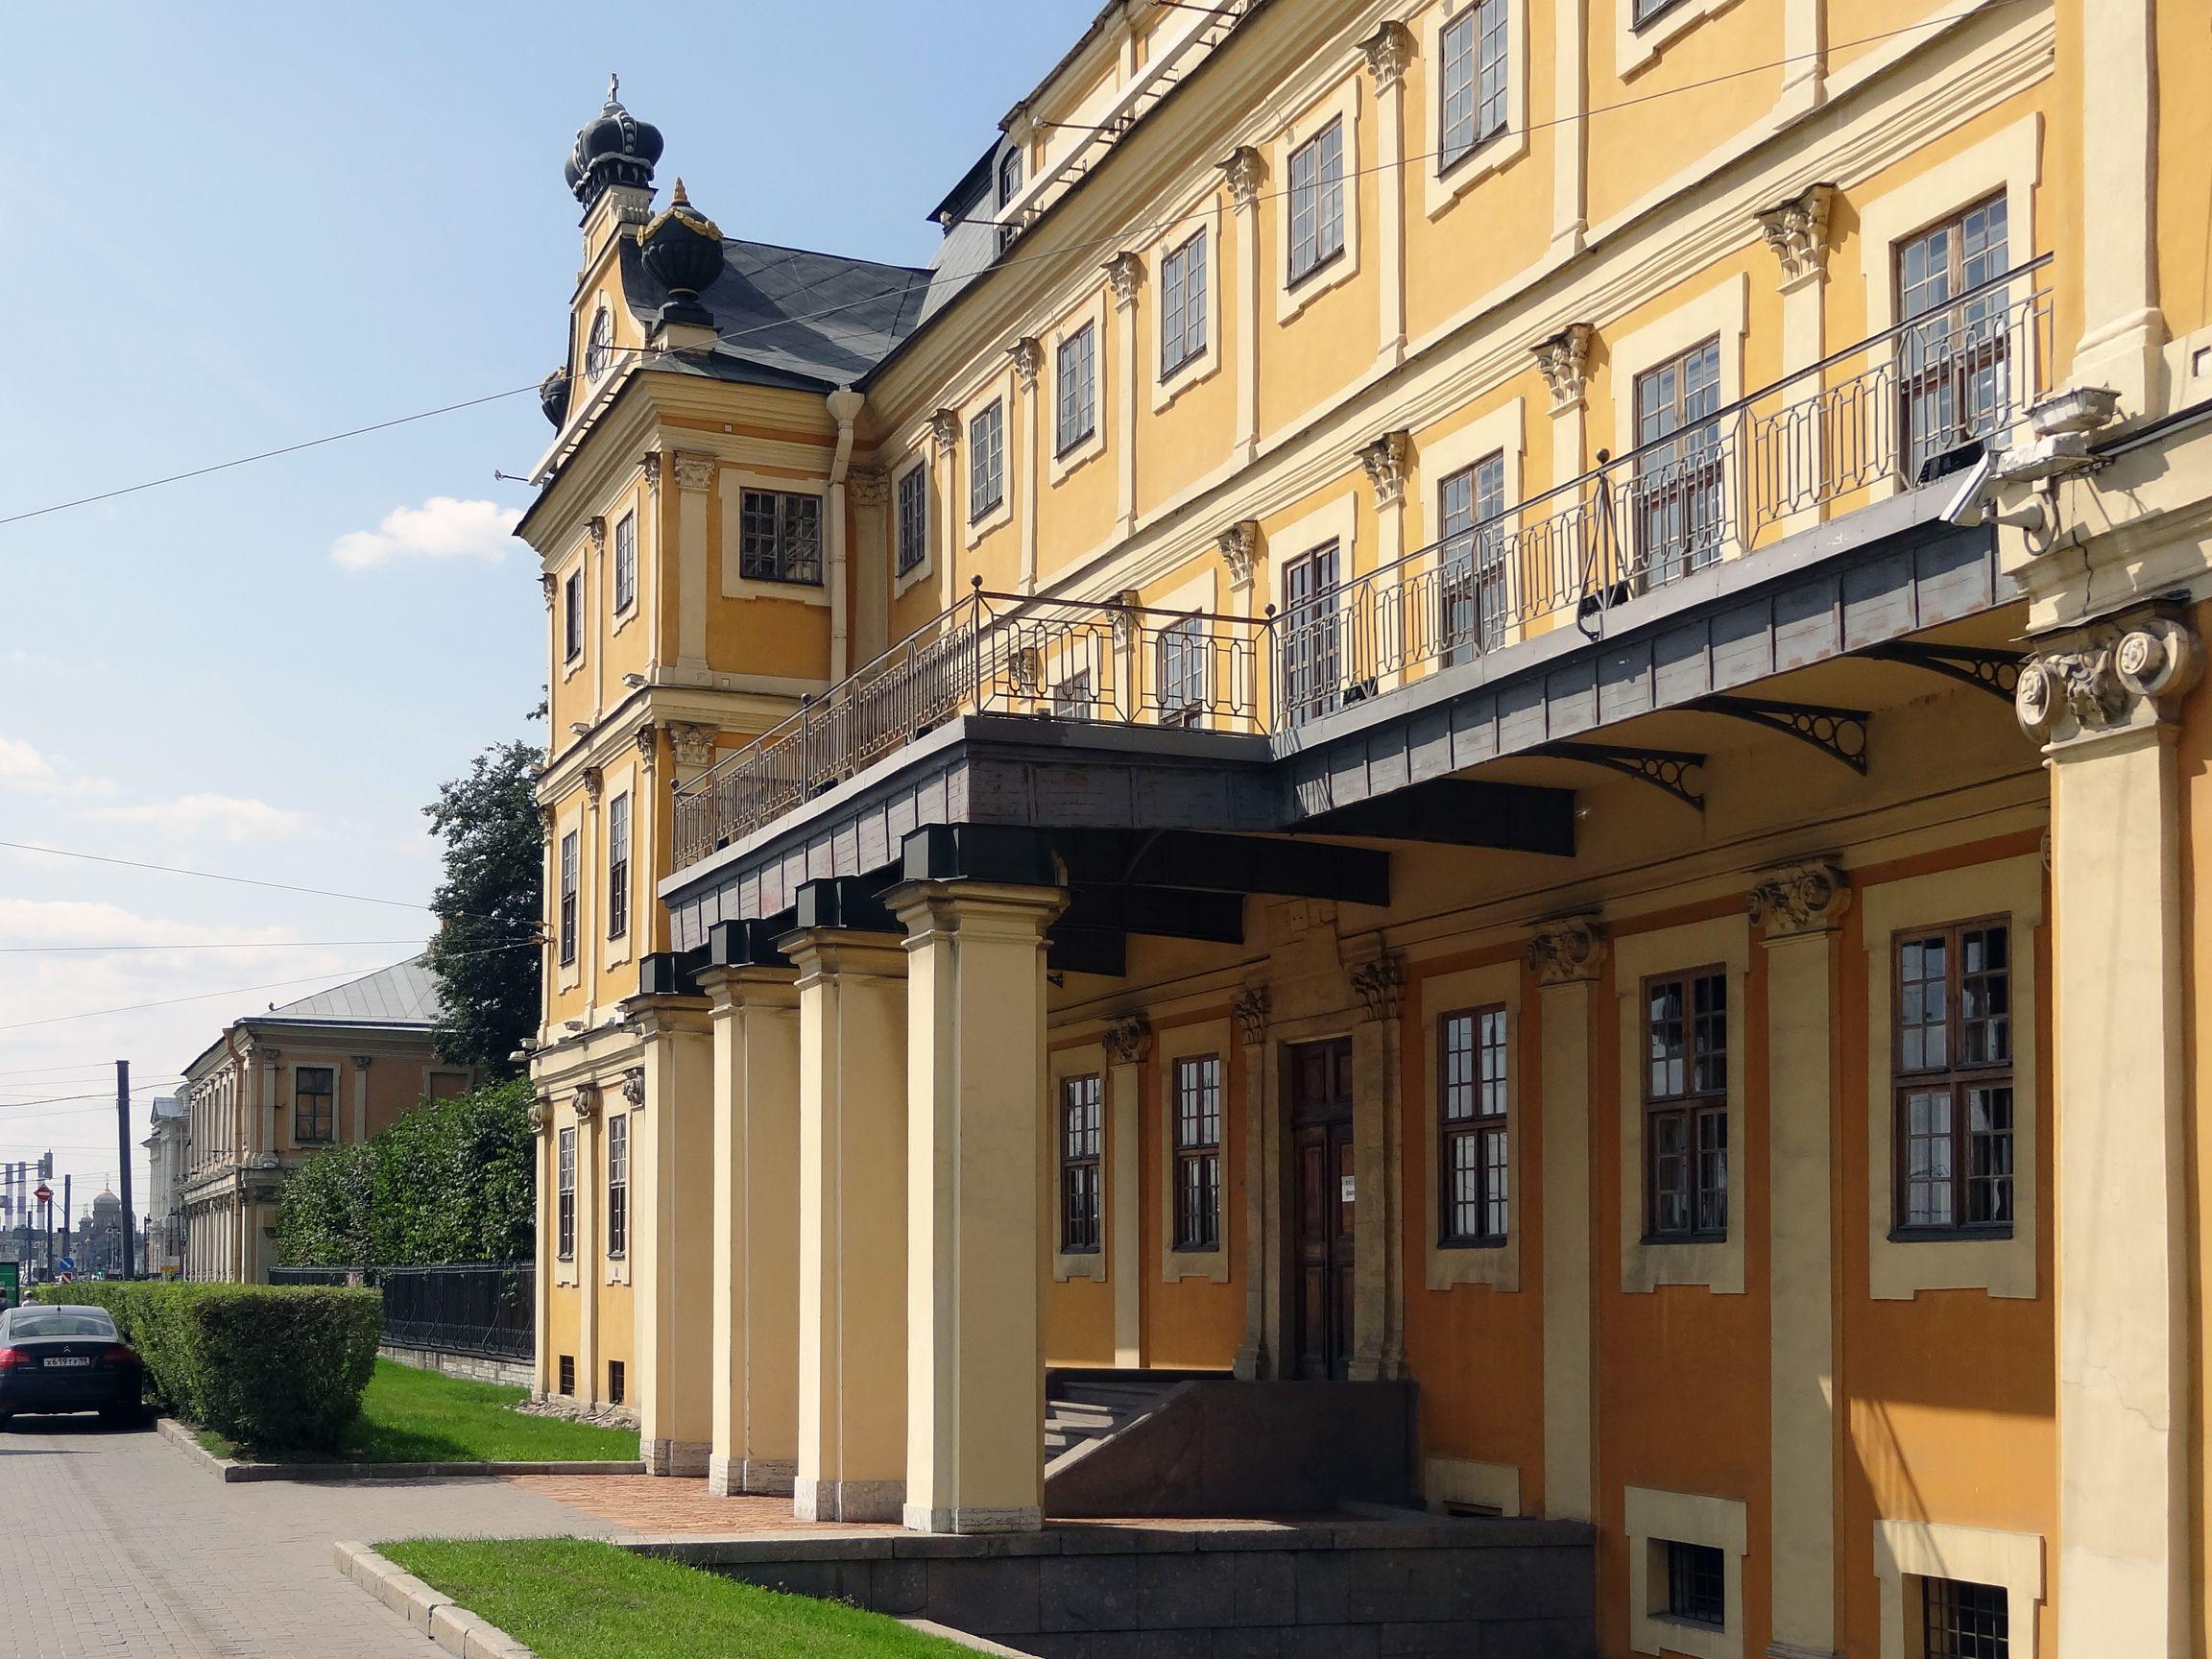 Meschnikow-Palast